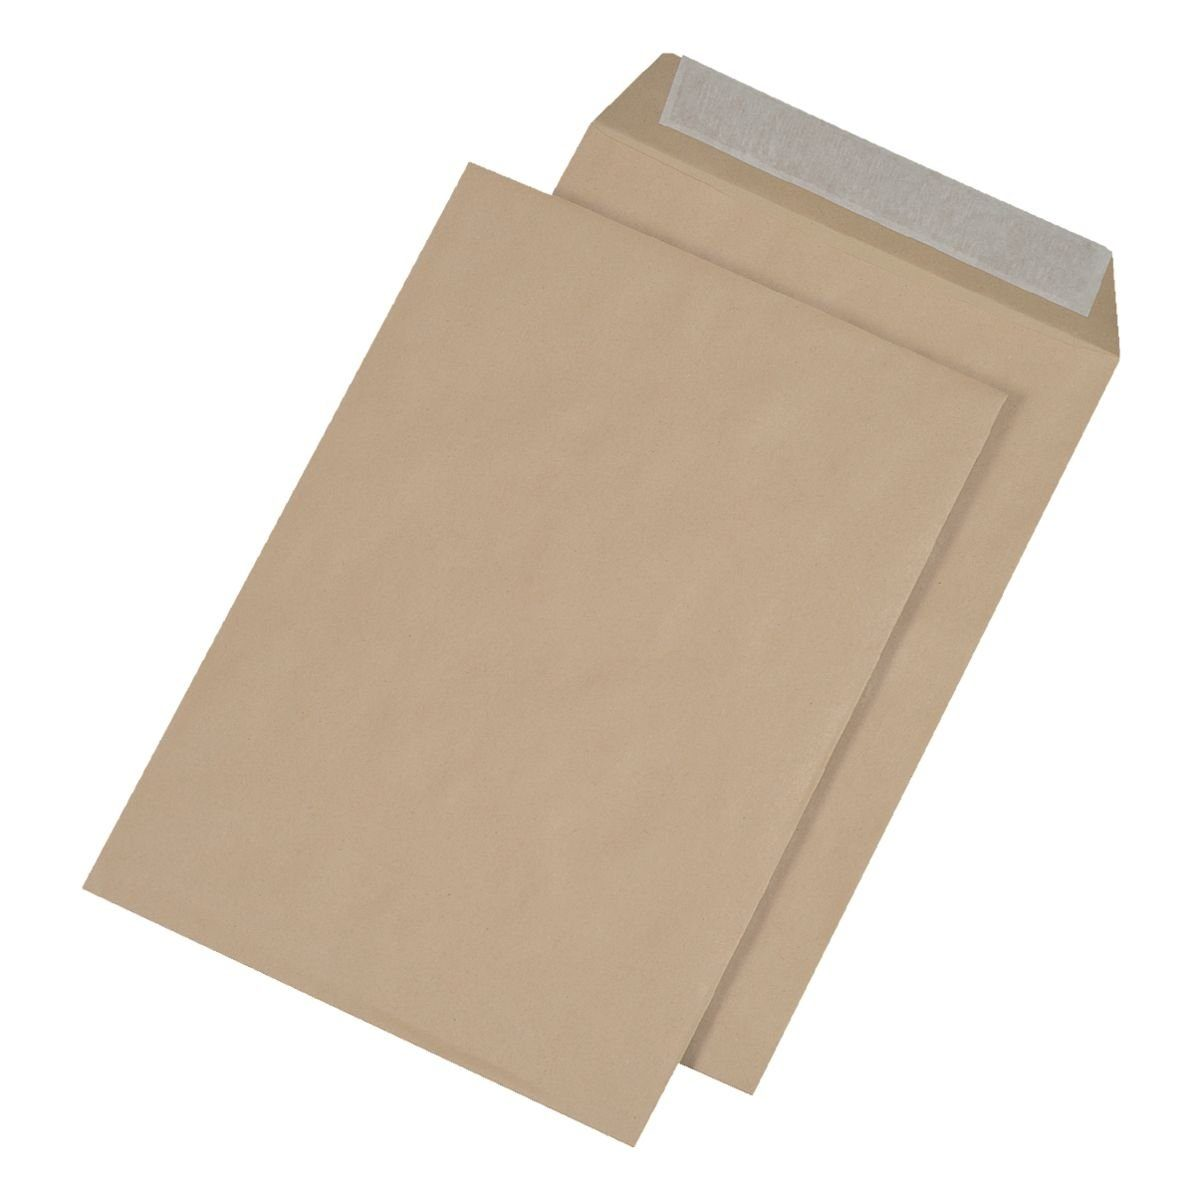 Mailmedia Faltentaschen mit Keil-/Spitzboden